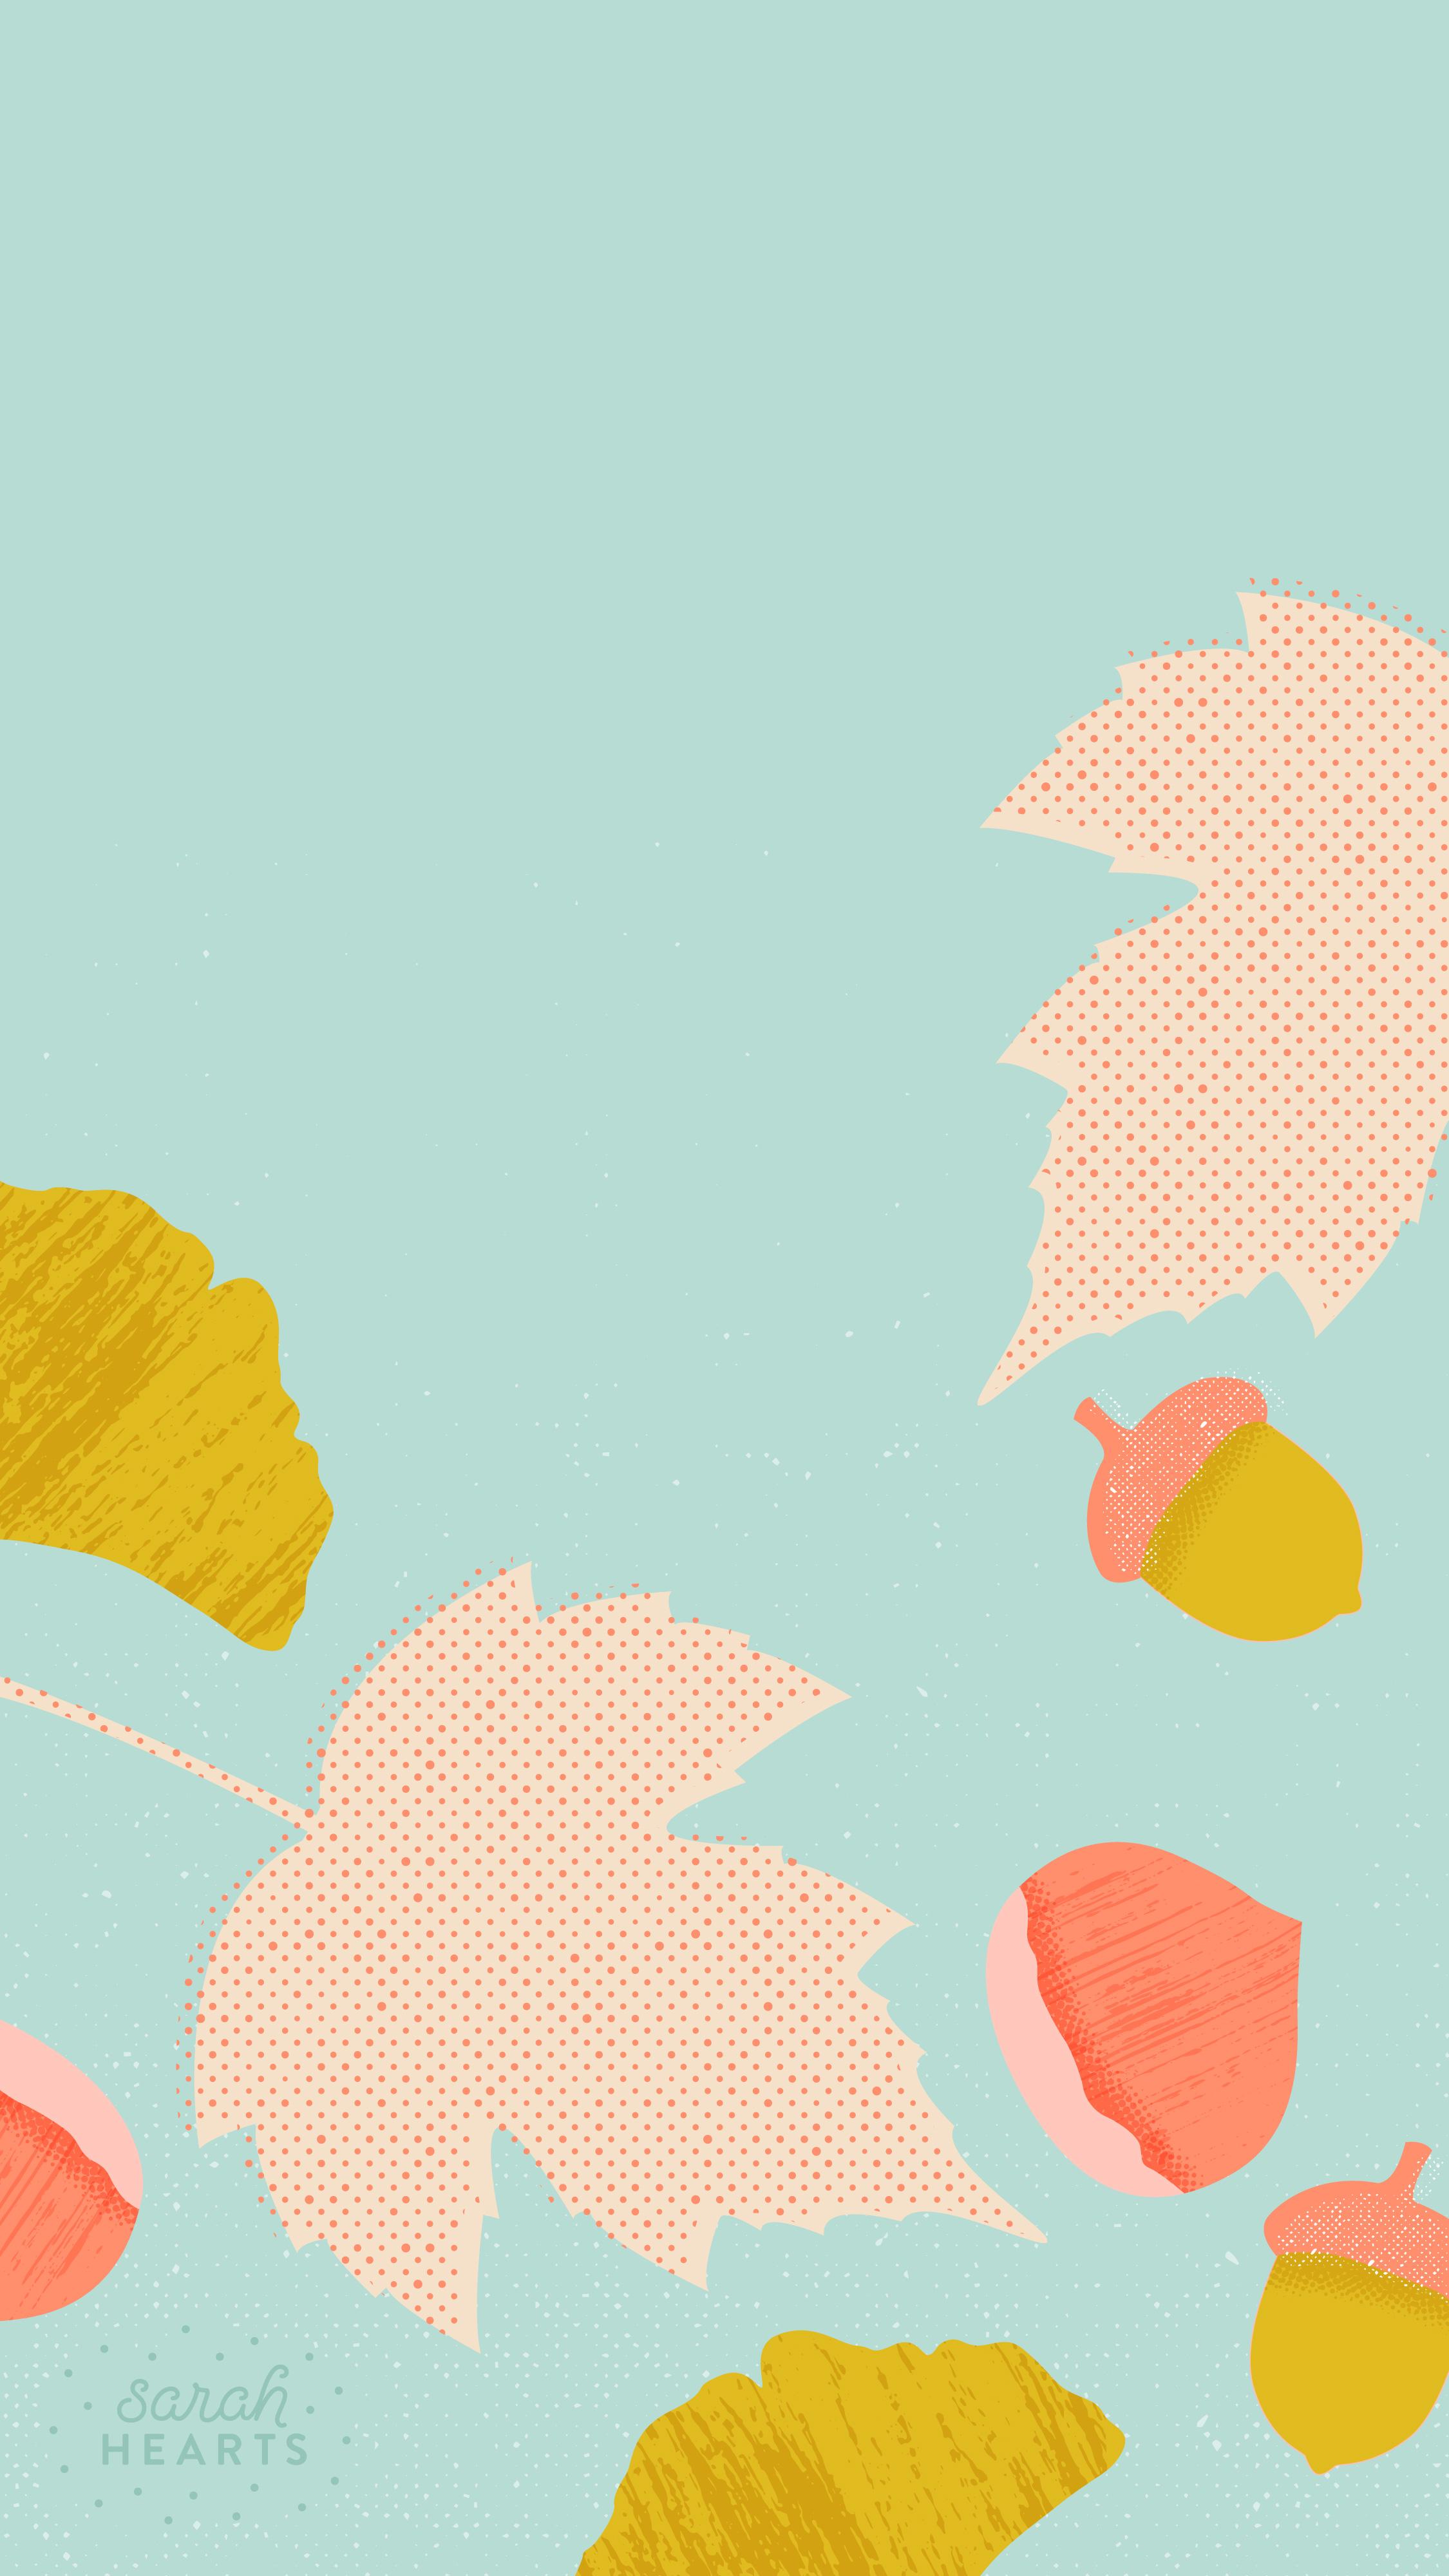 Fall In Love Again Wallpapers October 2015 Calendar Wallpaper Sarah Hearts